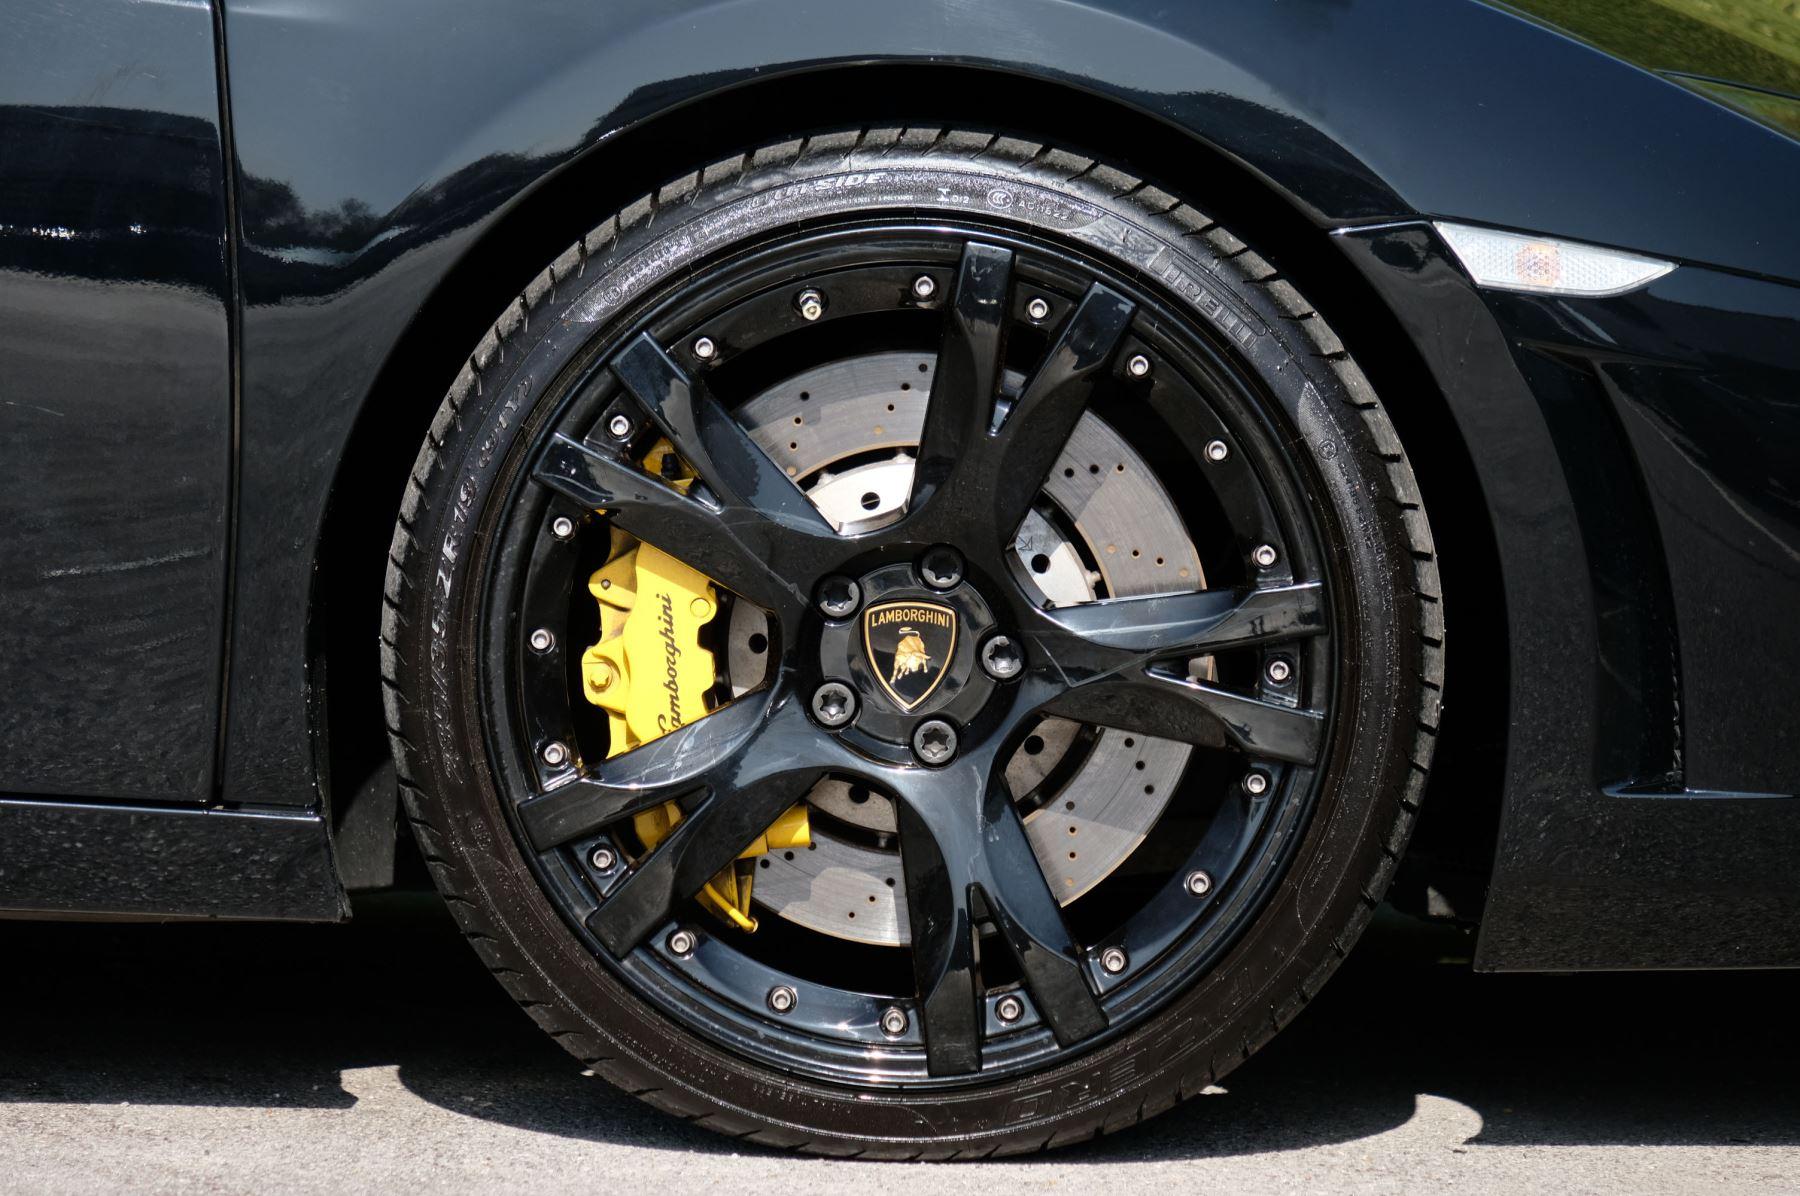 Lamborghini Gallardo LP 560-4 Spyder image 9